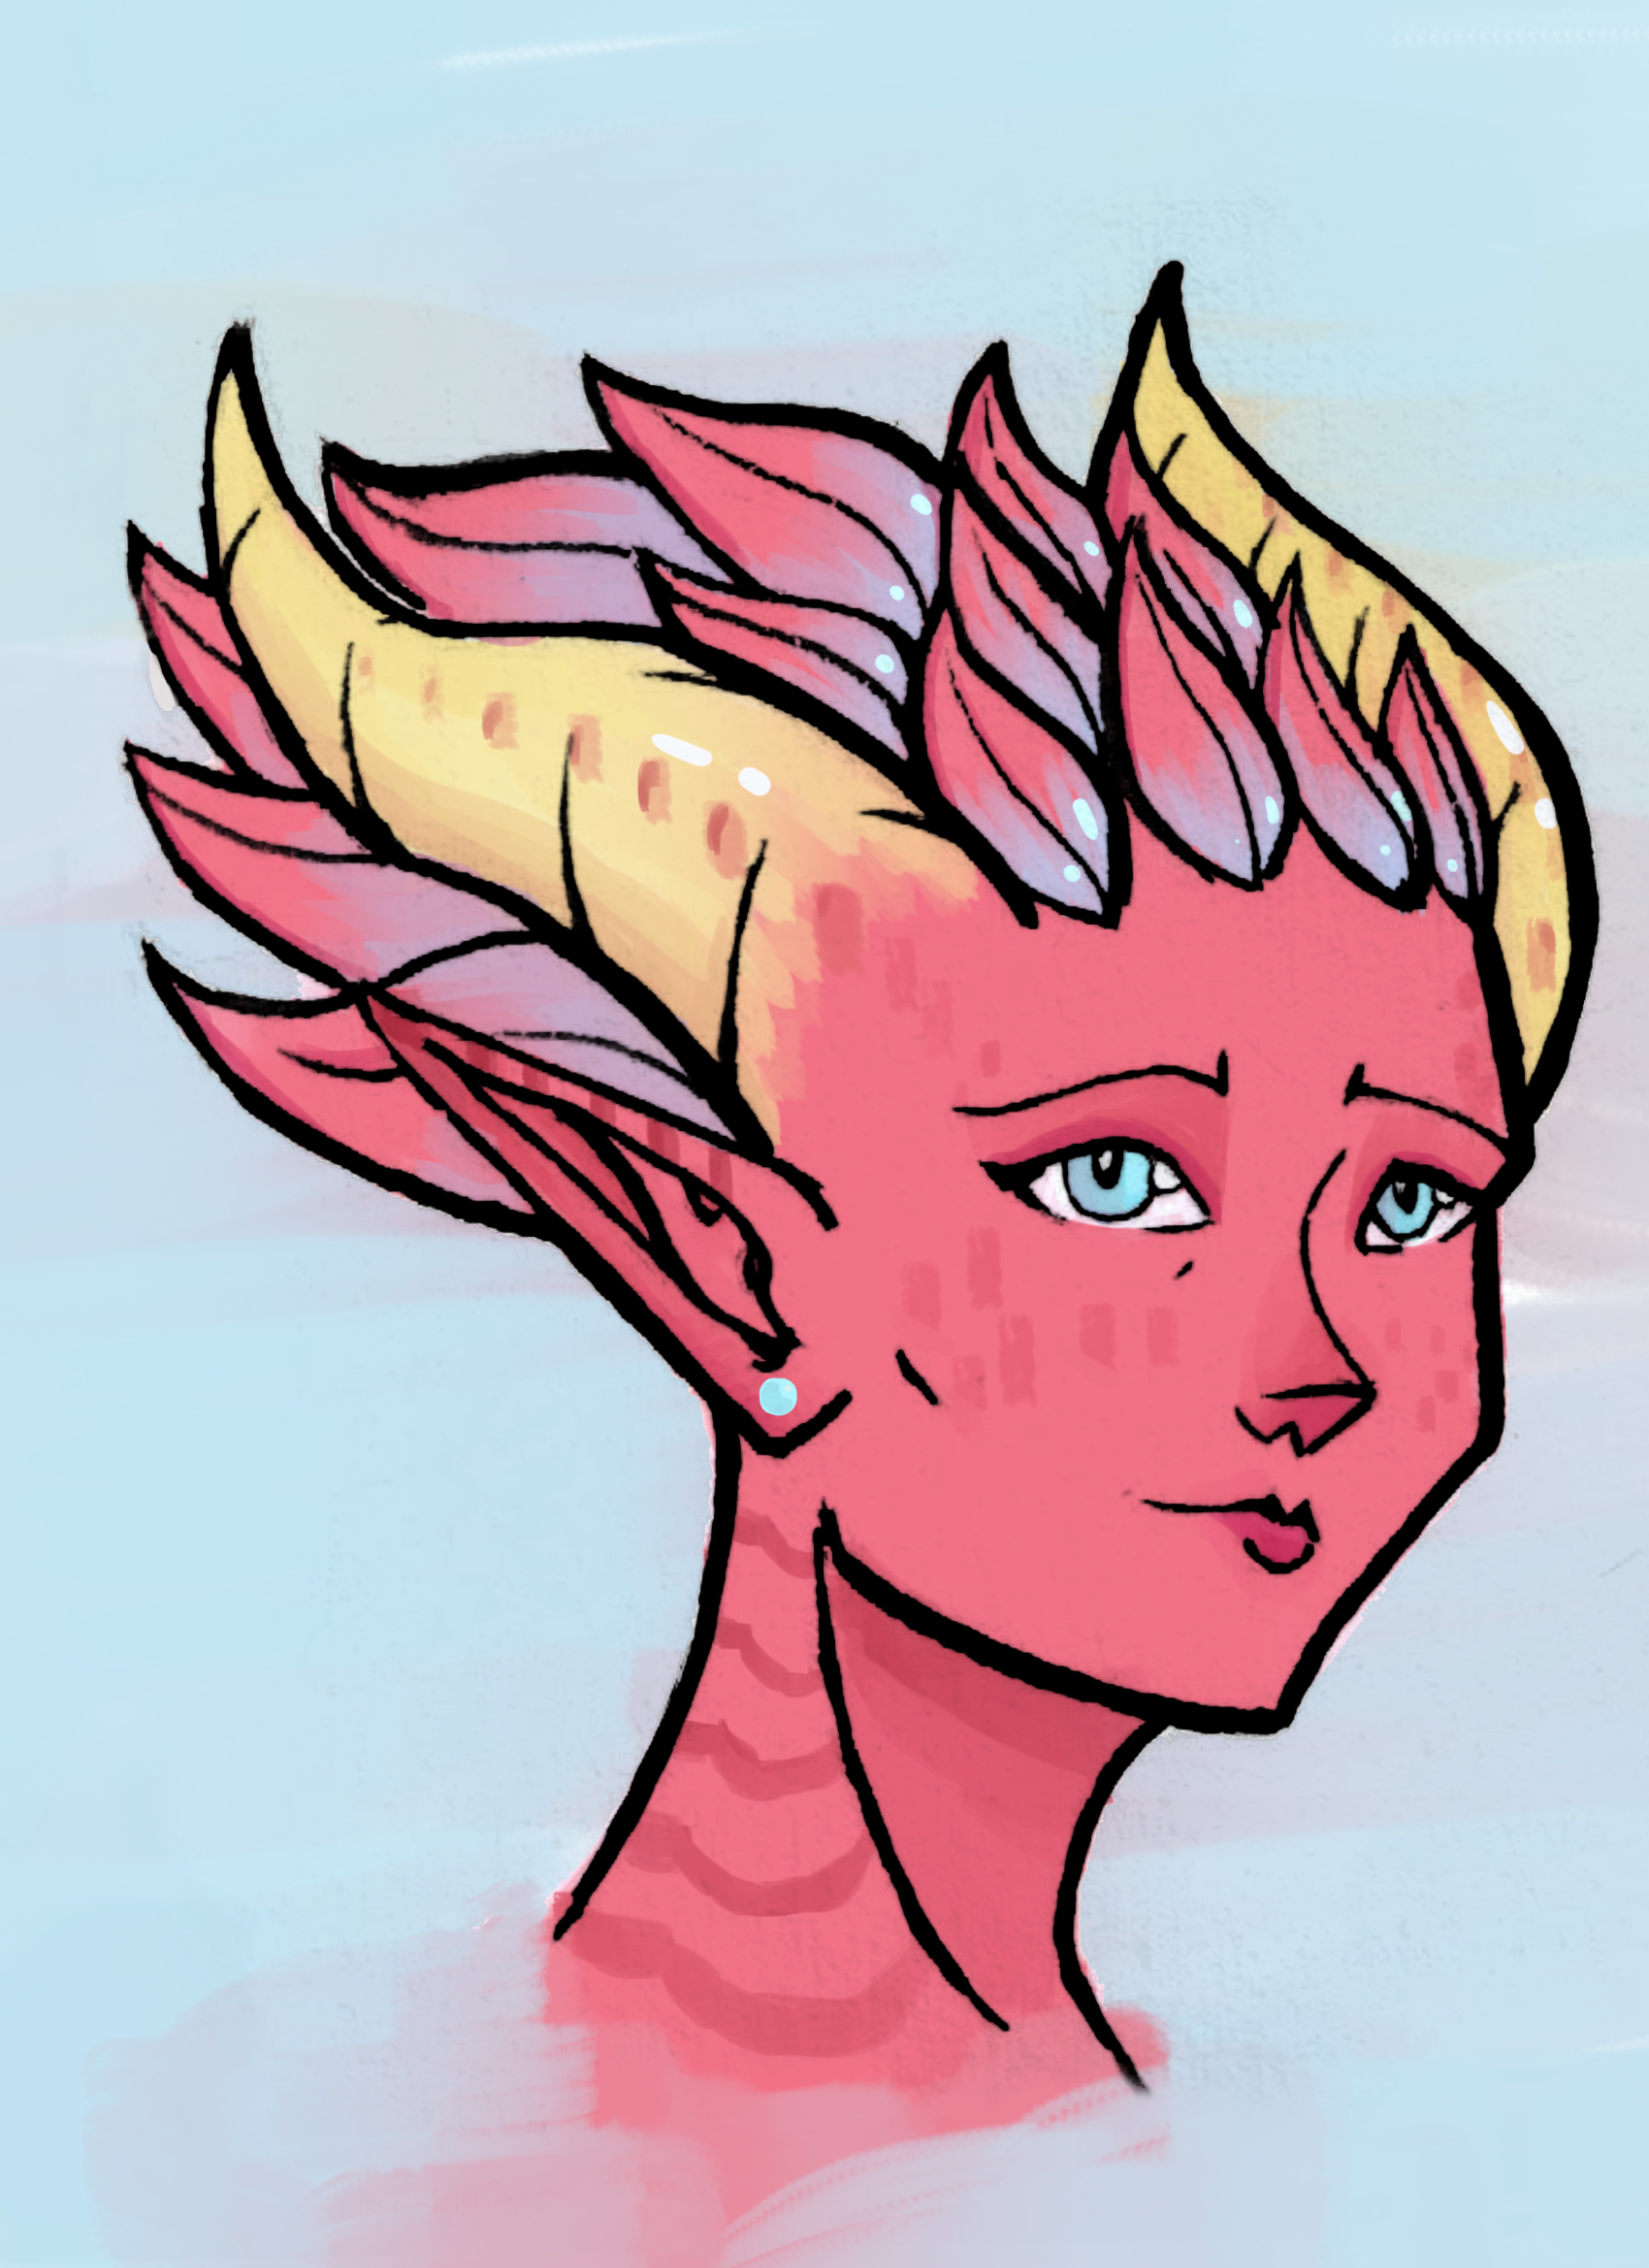 Zeta portrait 1 : Chill